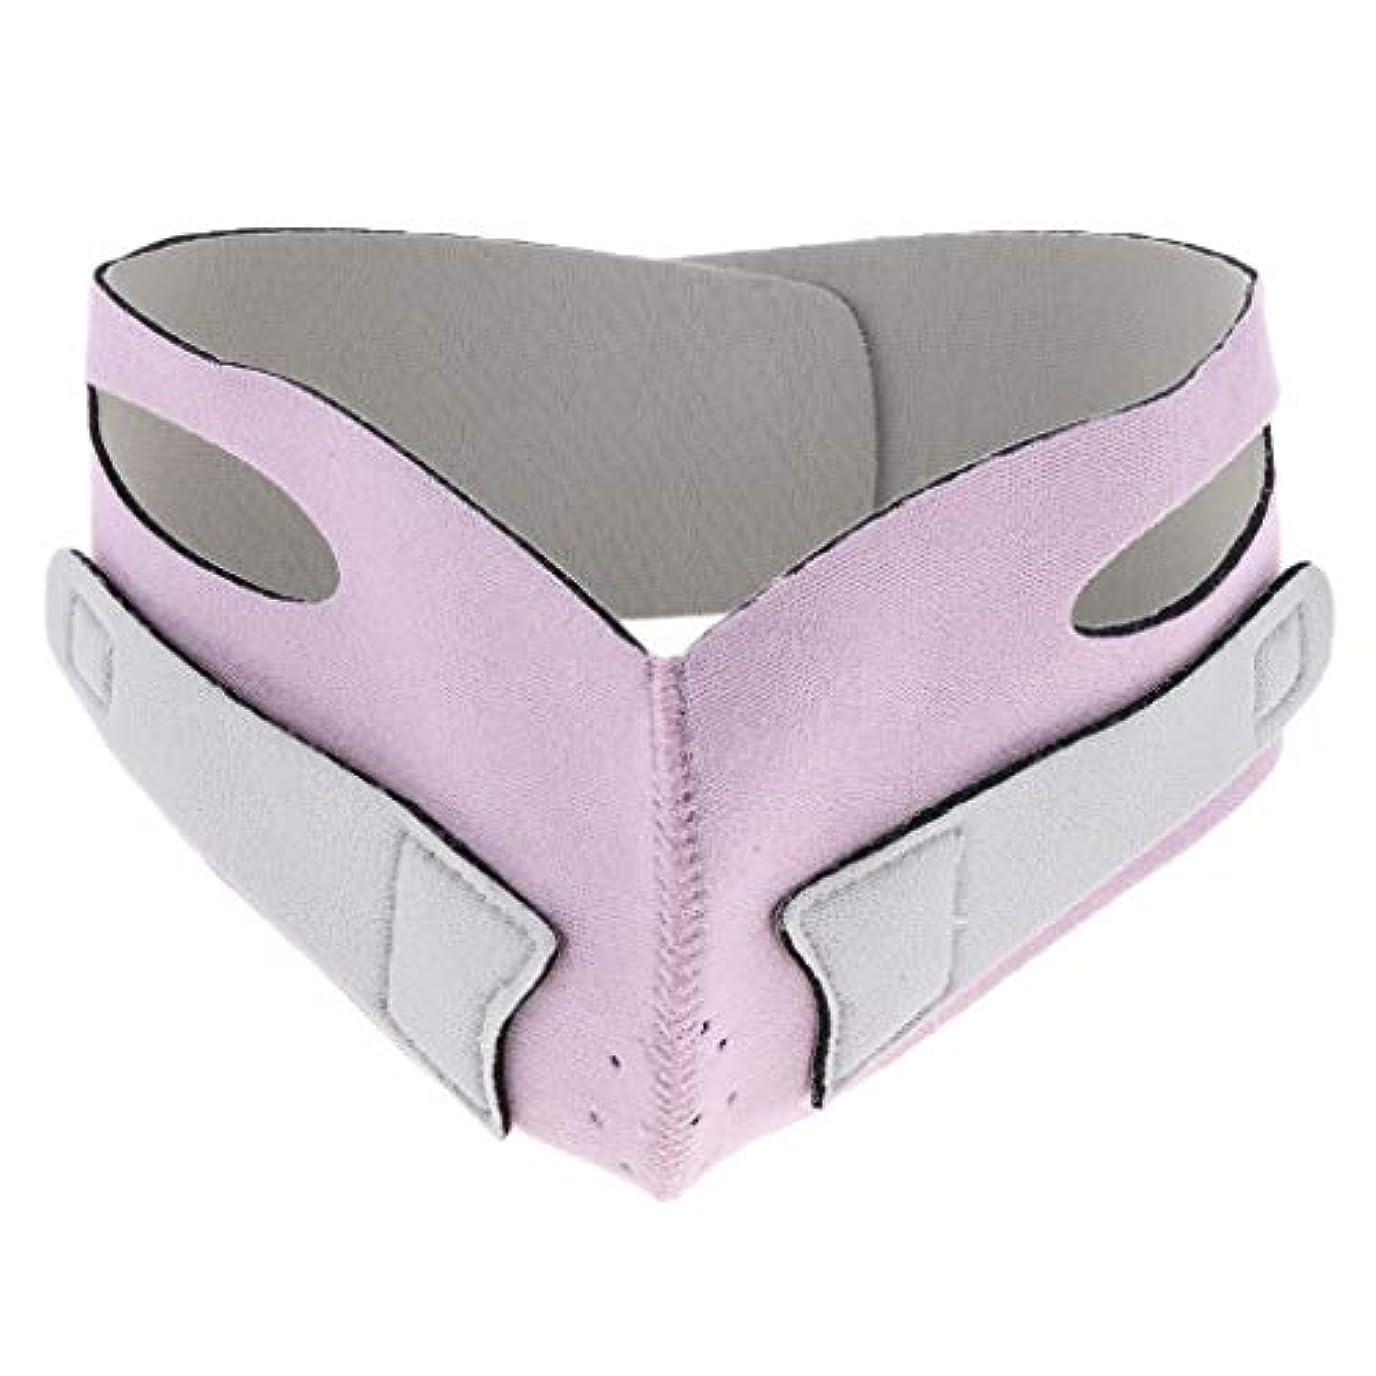 急ぐ振るう難しいD DOLITY 引き上げマスク 頬リフトアップ V-ラインマスク リフティング リフトスリムマスク 通気性 全2色 - ピンク